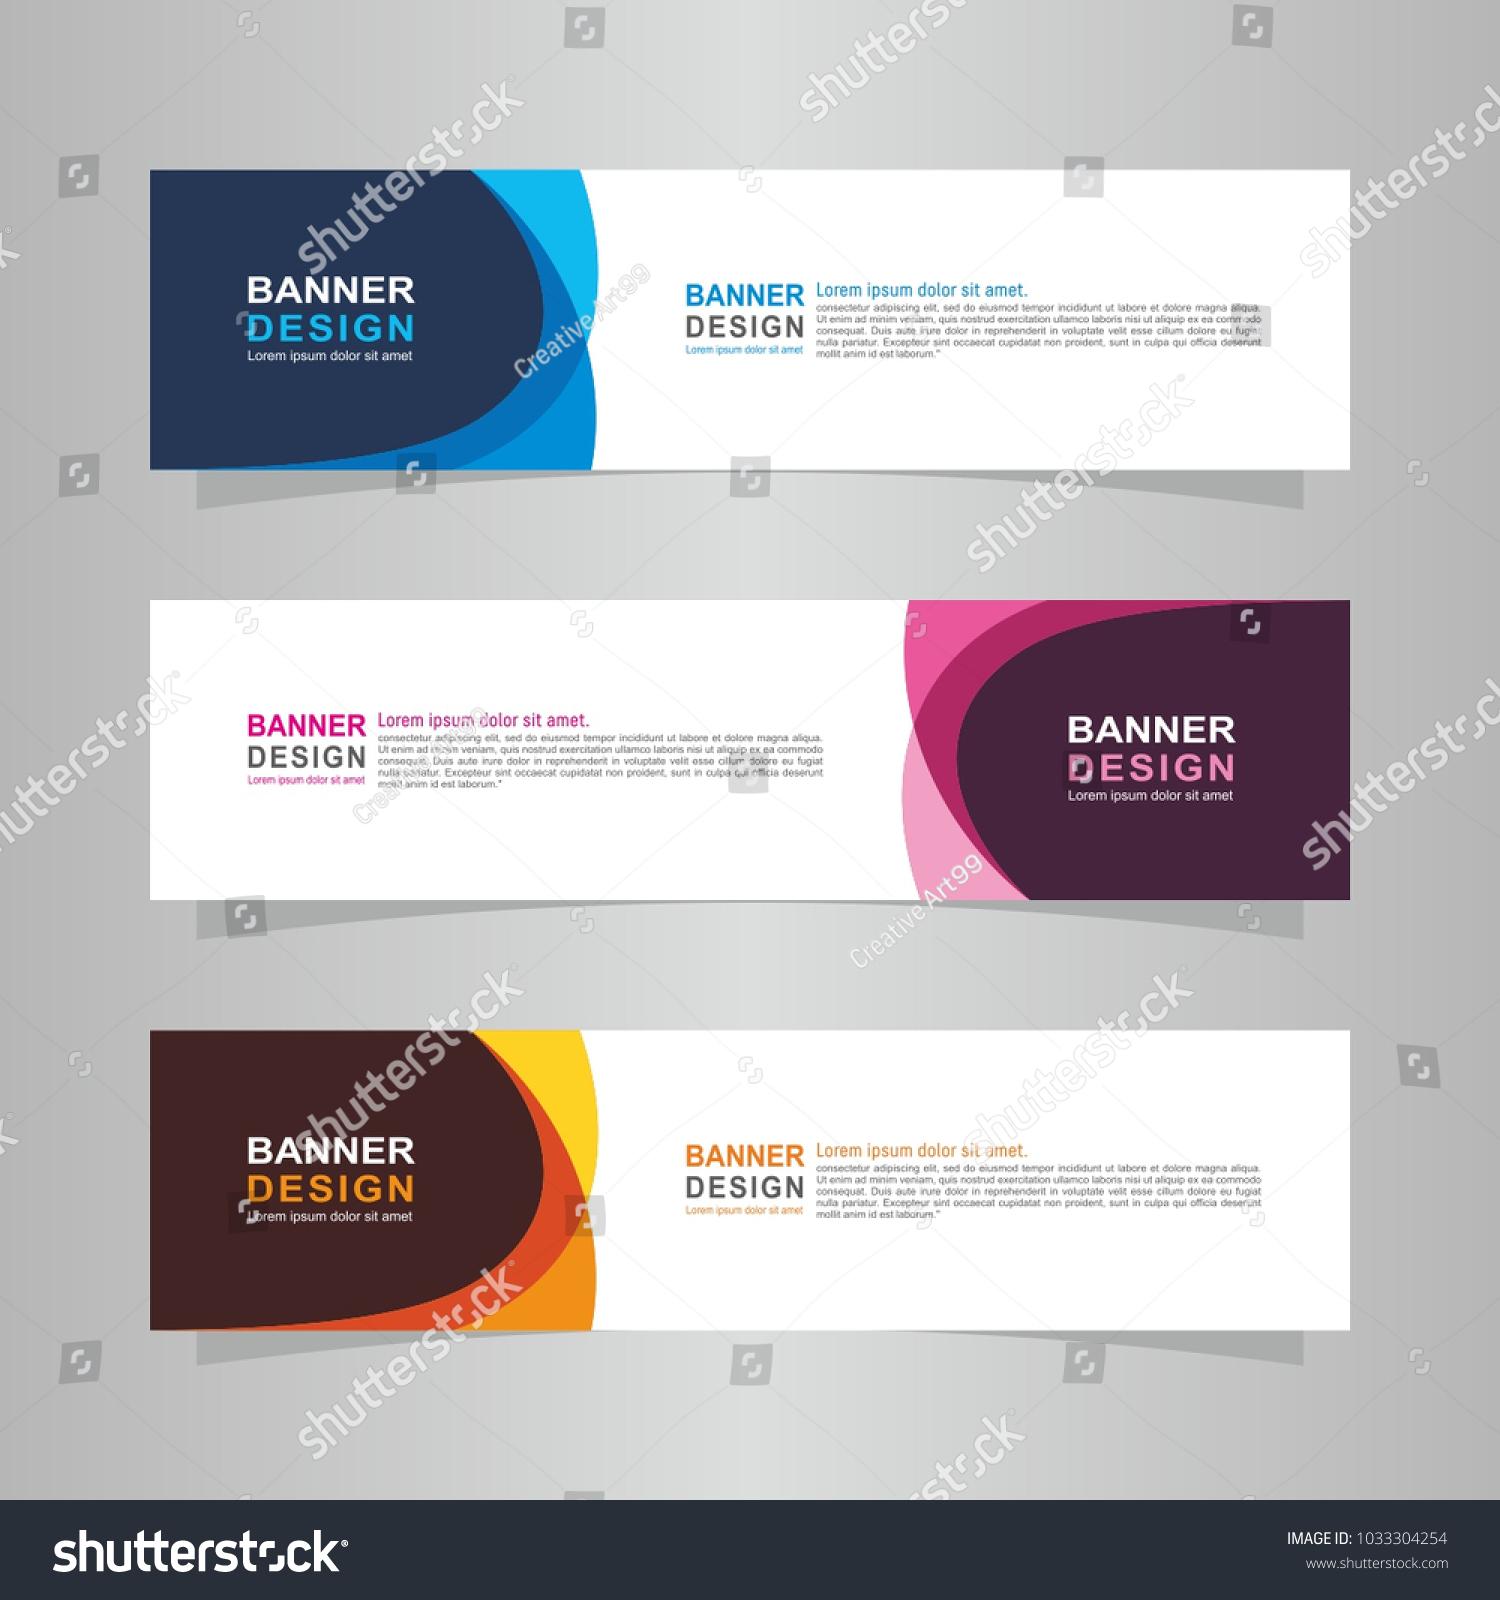 Fantastisch Web Design Vorschlag Vorlage Wort Ideen - Bilder für das ...